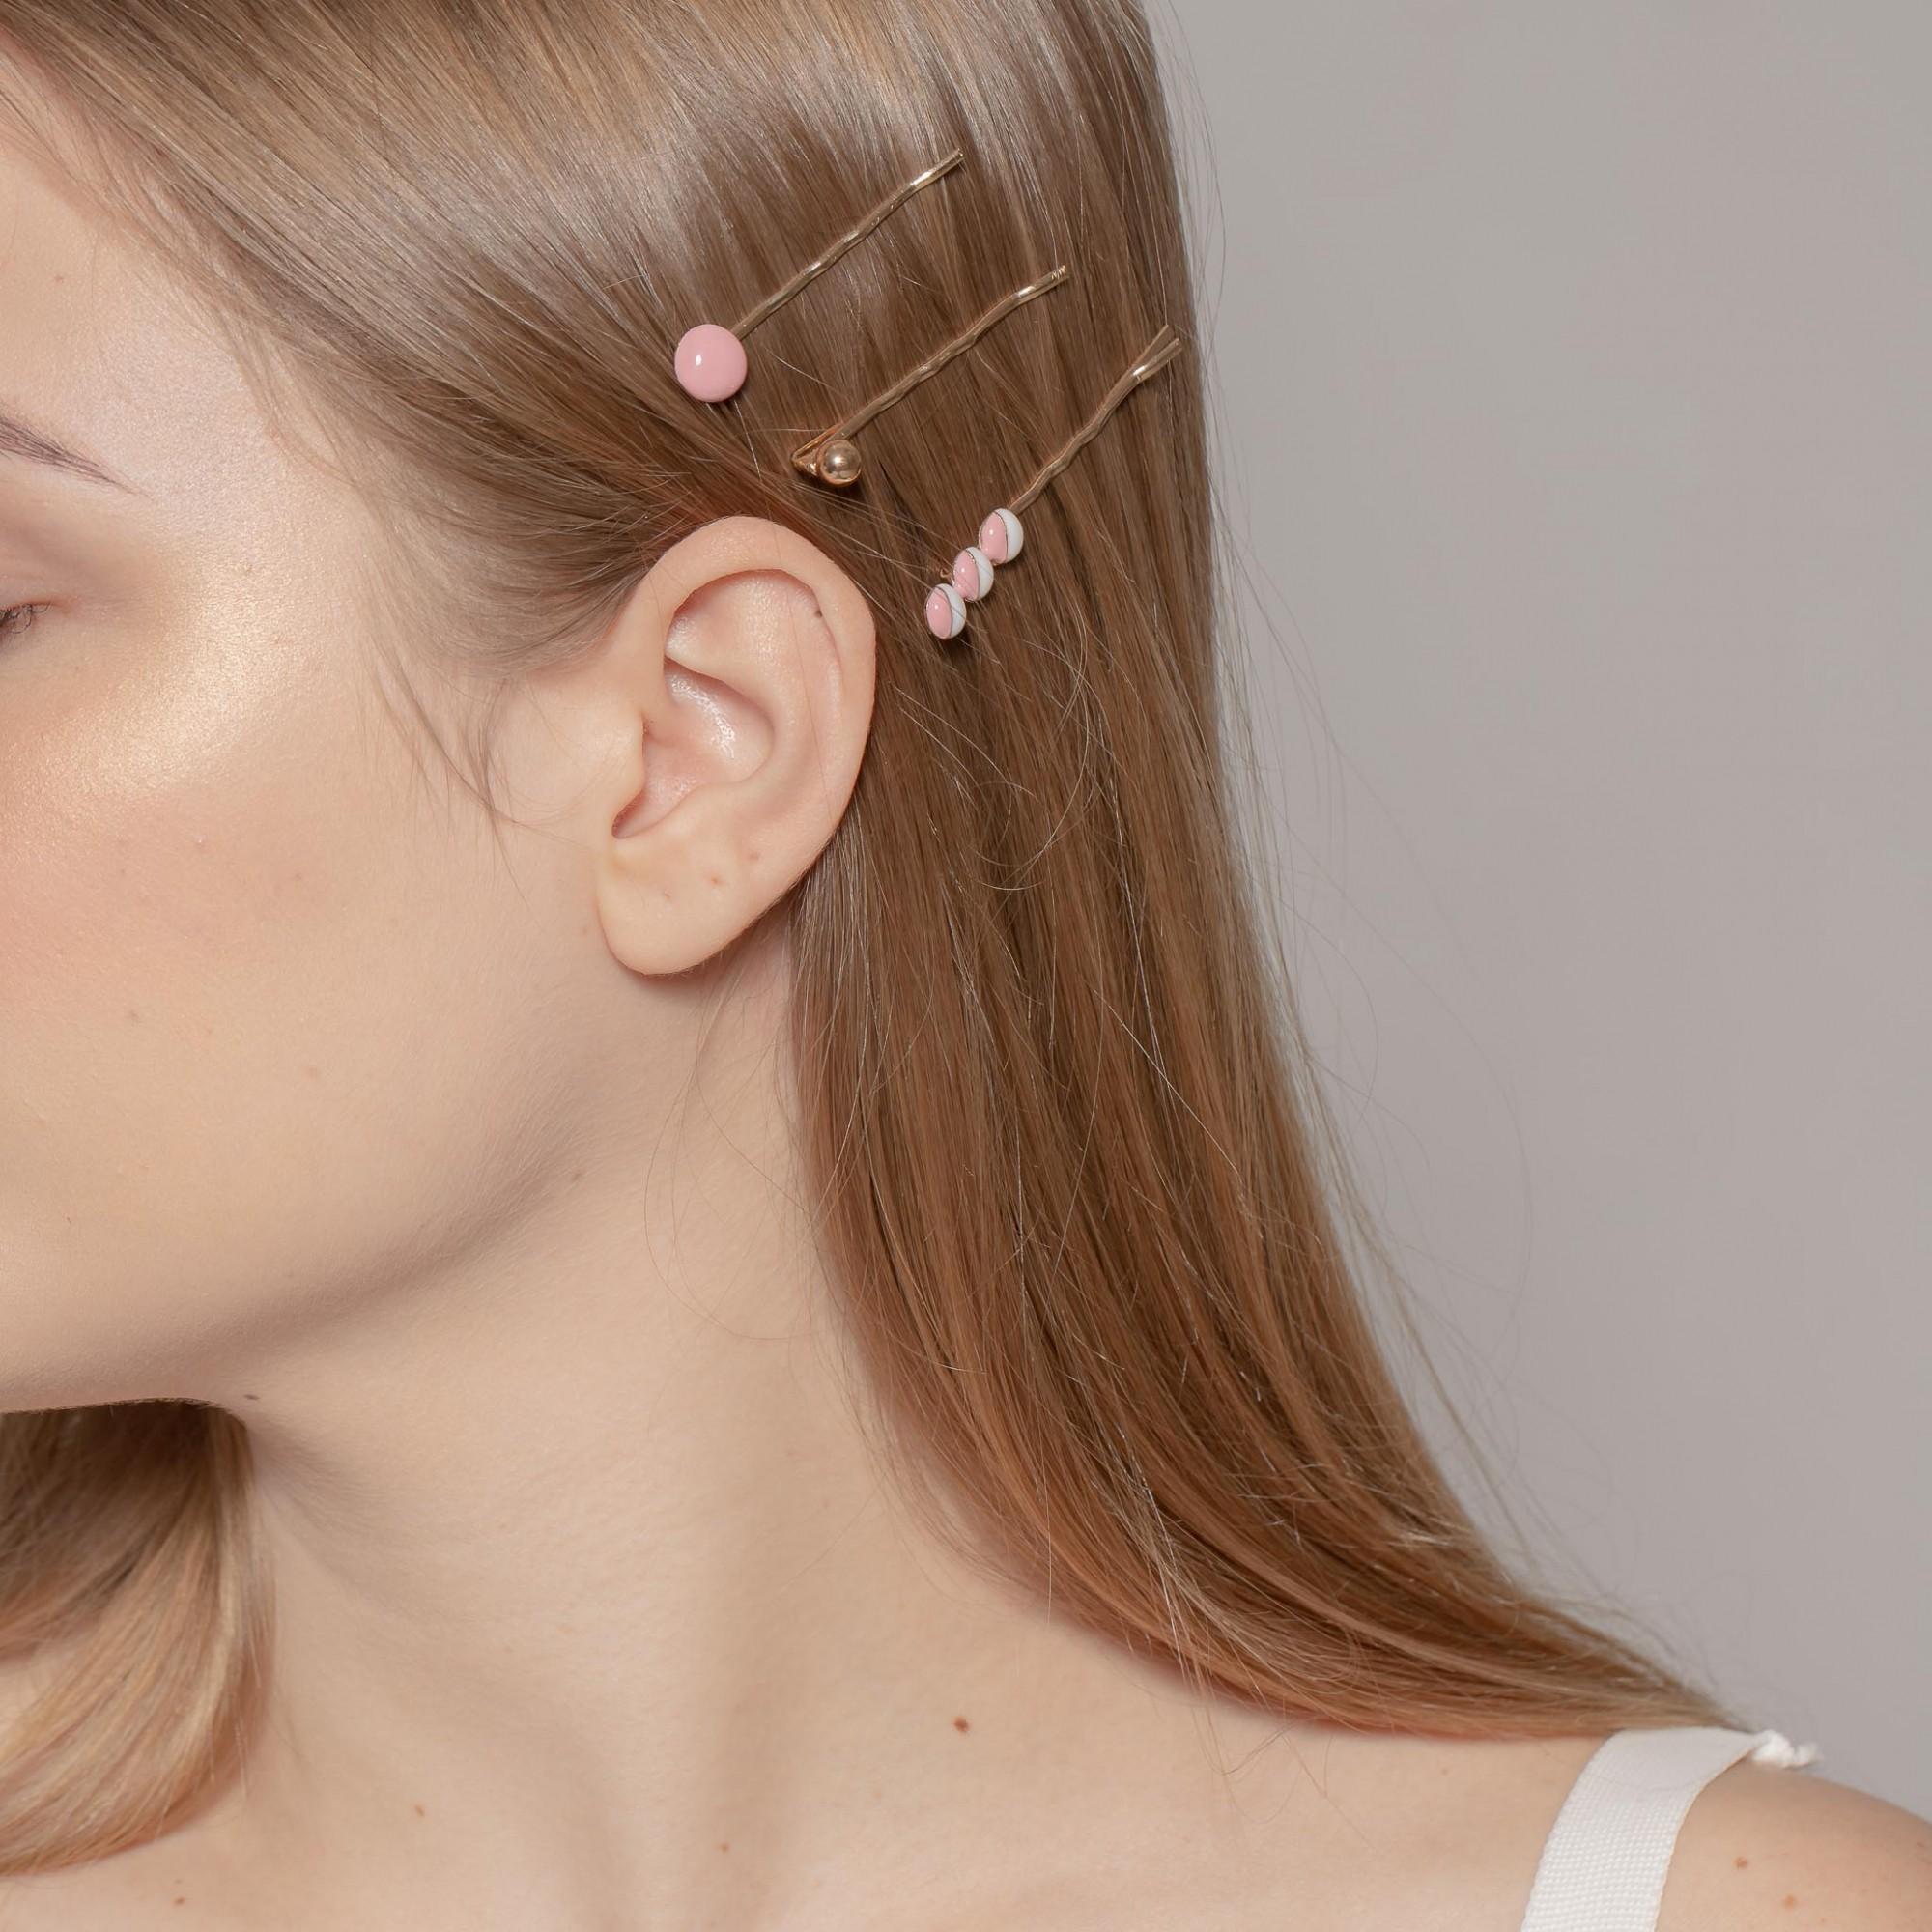 Presilha com detalhe em resina rosa e branca  - romabrazil.com.br